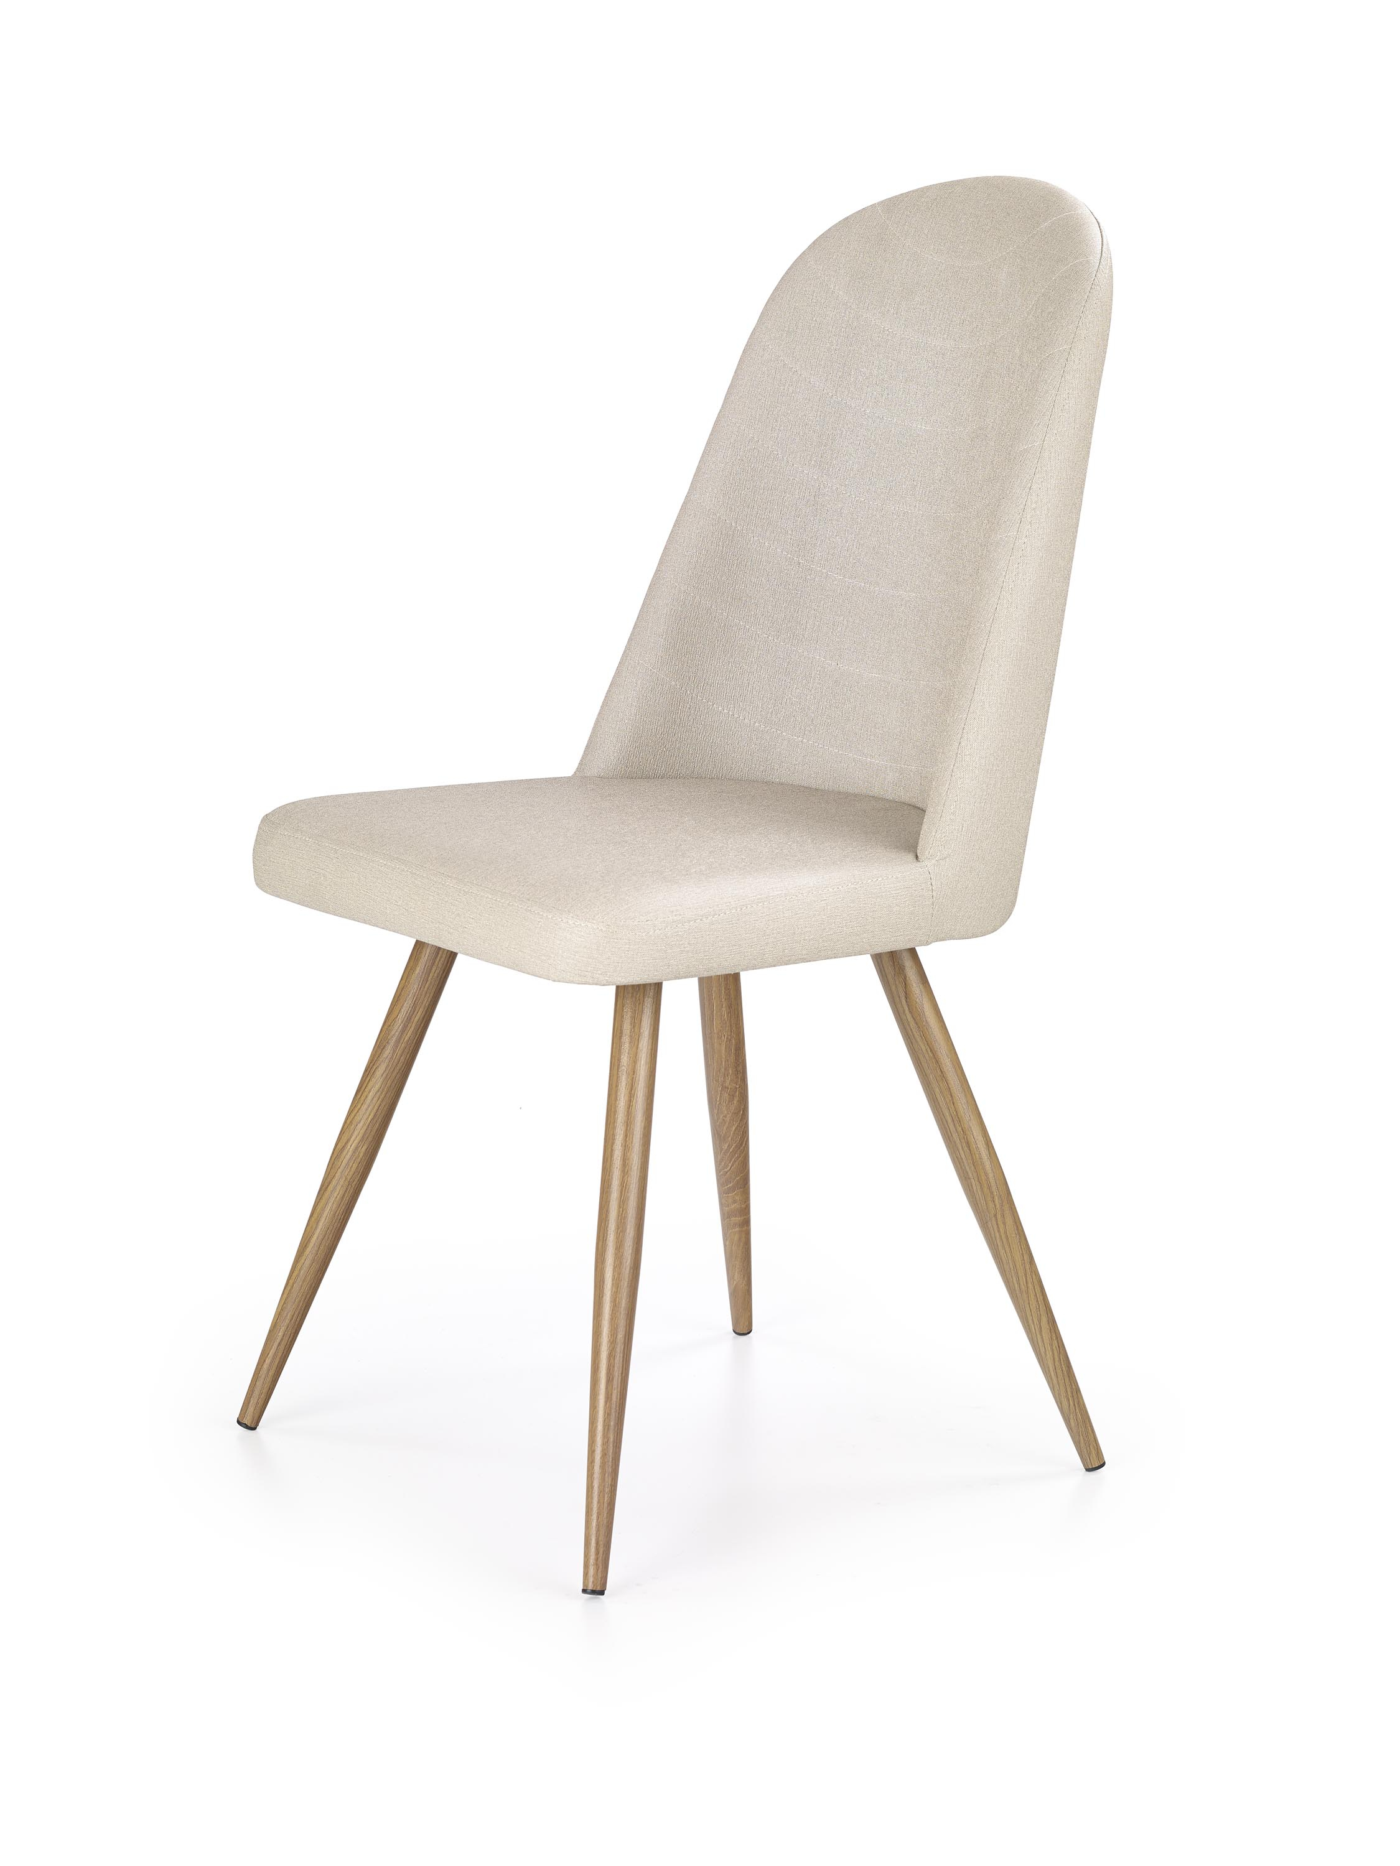 K214 krzesło ciemny kremowy / dąb miodowy (2p=4szt)